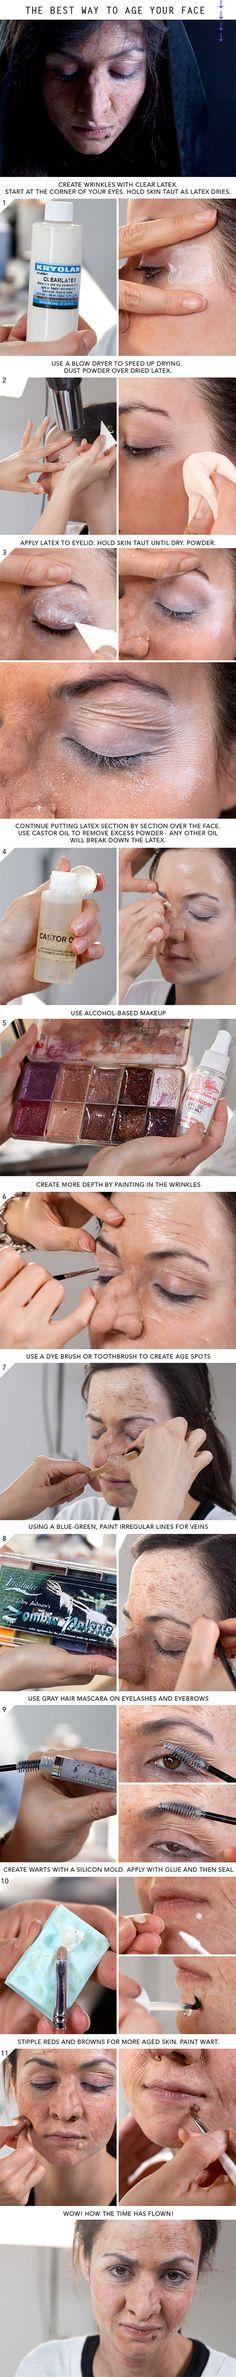 20 spooky Halloween make-up tutorials - Halloween - Old Age Makeup, Fx Makeup, Cosplay Makeup, Creepy Makeup, Makeup Brushes, Makeup Ideas, Makeup Geek, Witch Makeup, Movie Makeup